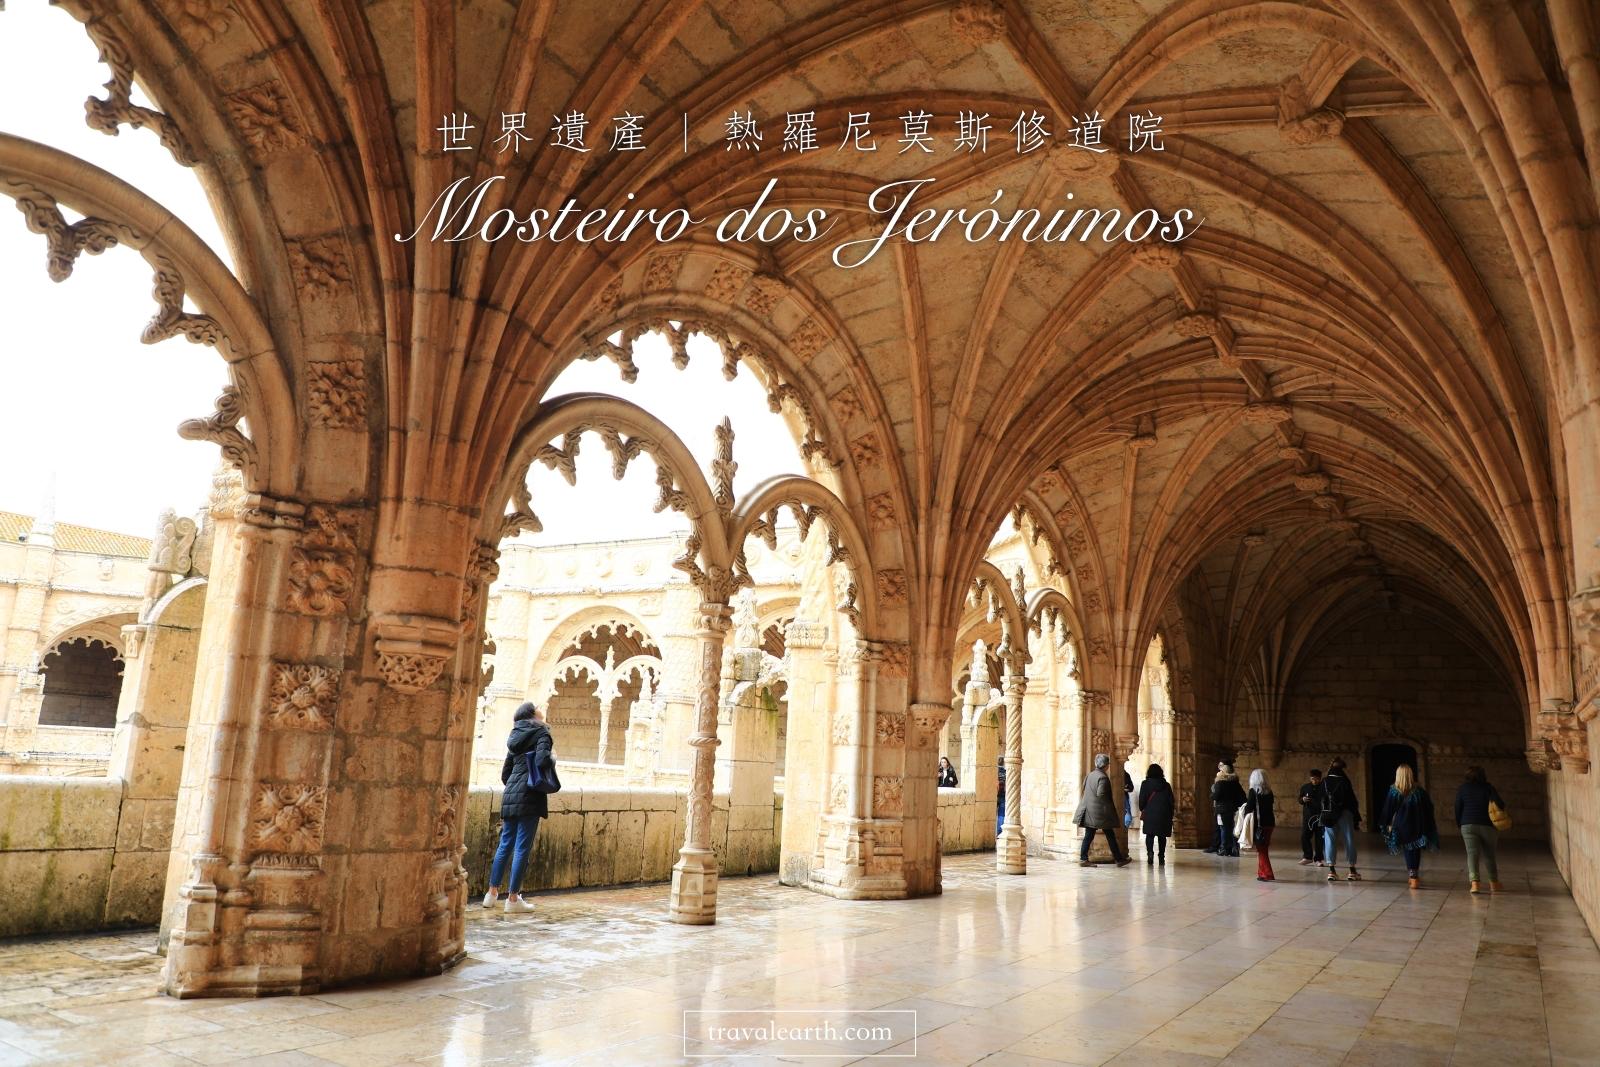 葡萄牙必去世界遺產:熱羅尼莫斯修道院Mosteiro dos Jerónimos